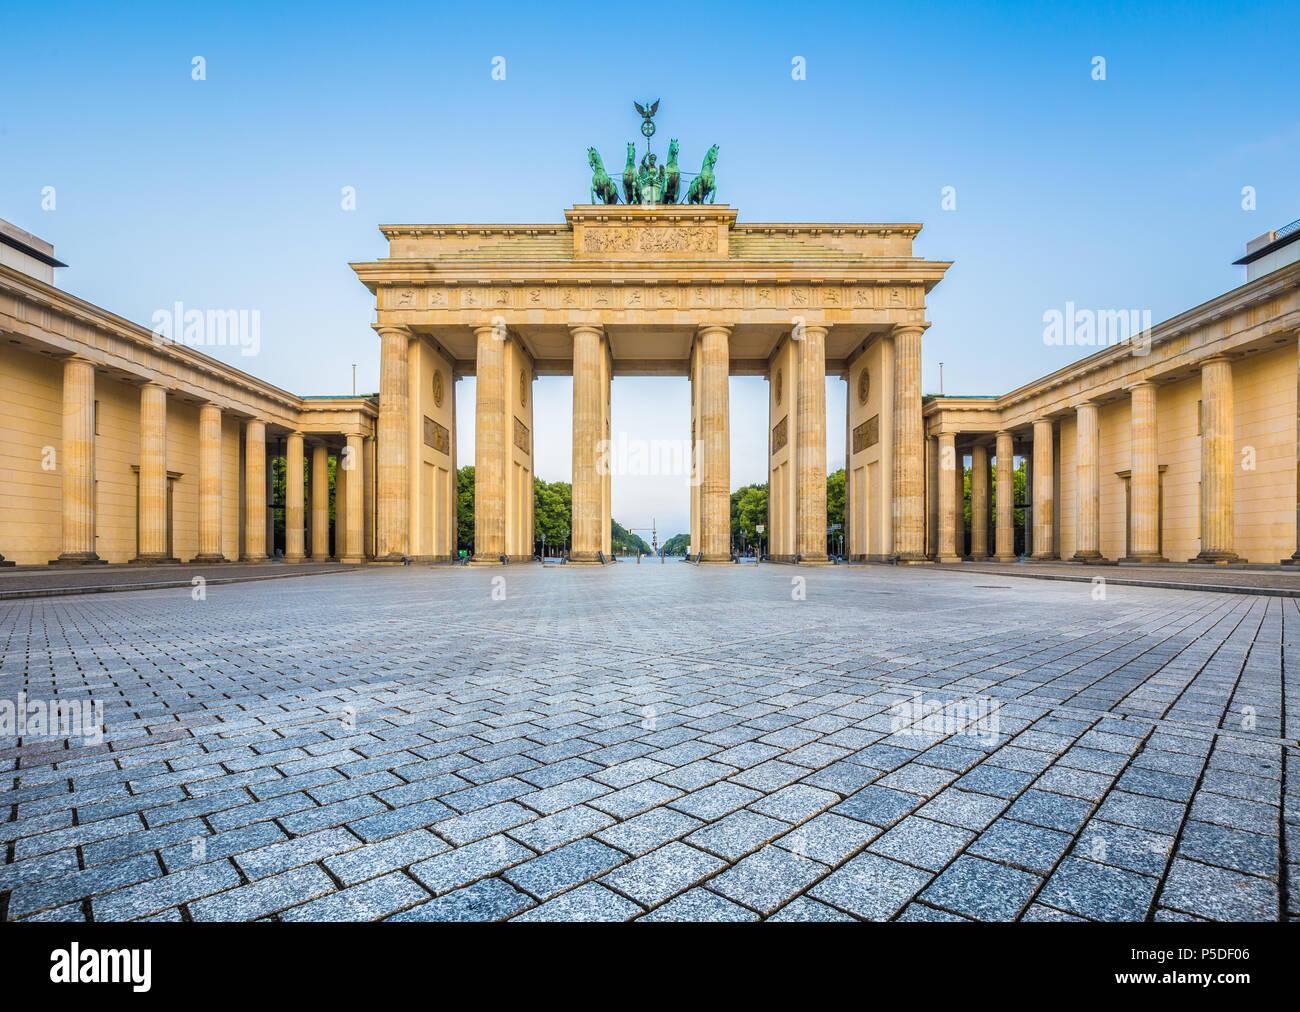 Berühmten Brandenburger Tor (Brandenburger Tor), eines der bekanntesten Wahrzeichen und nationale Symbole Deutschlands, im schönen goldenen Morgenlicht auf Sonne Stockbild